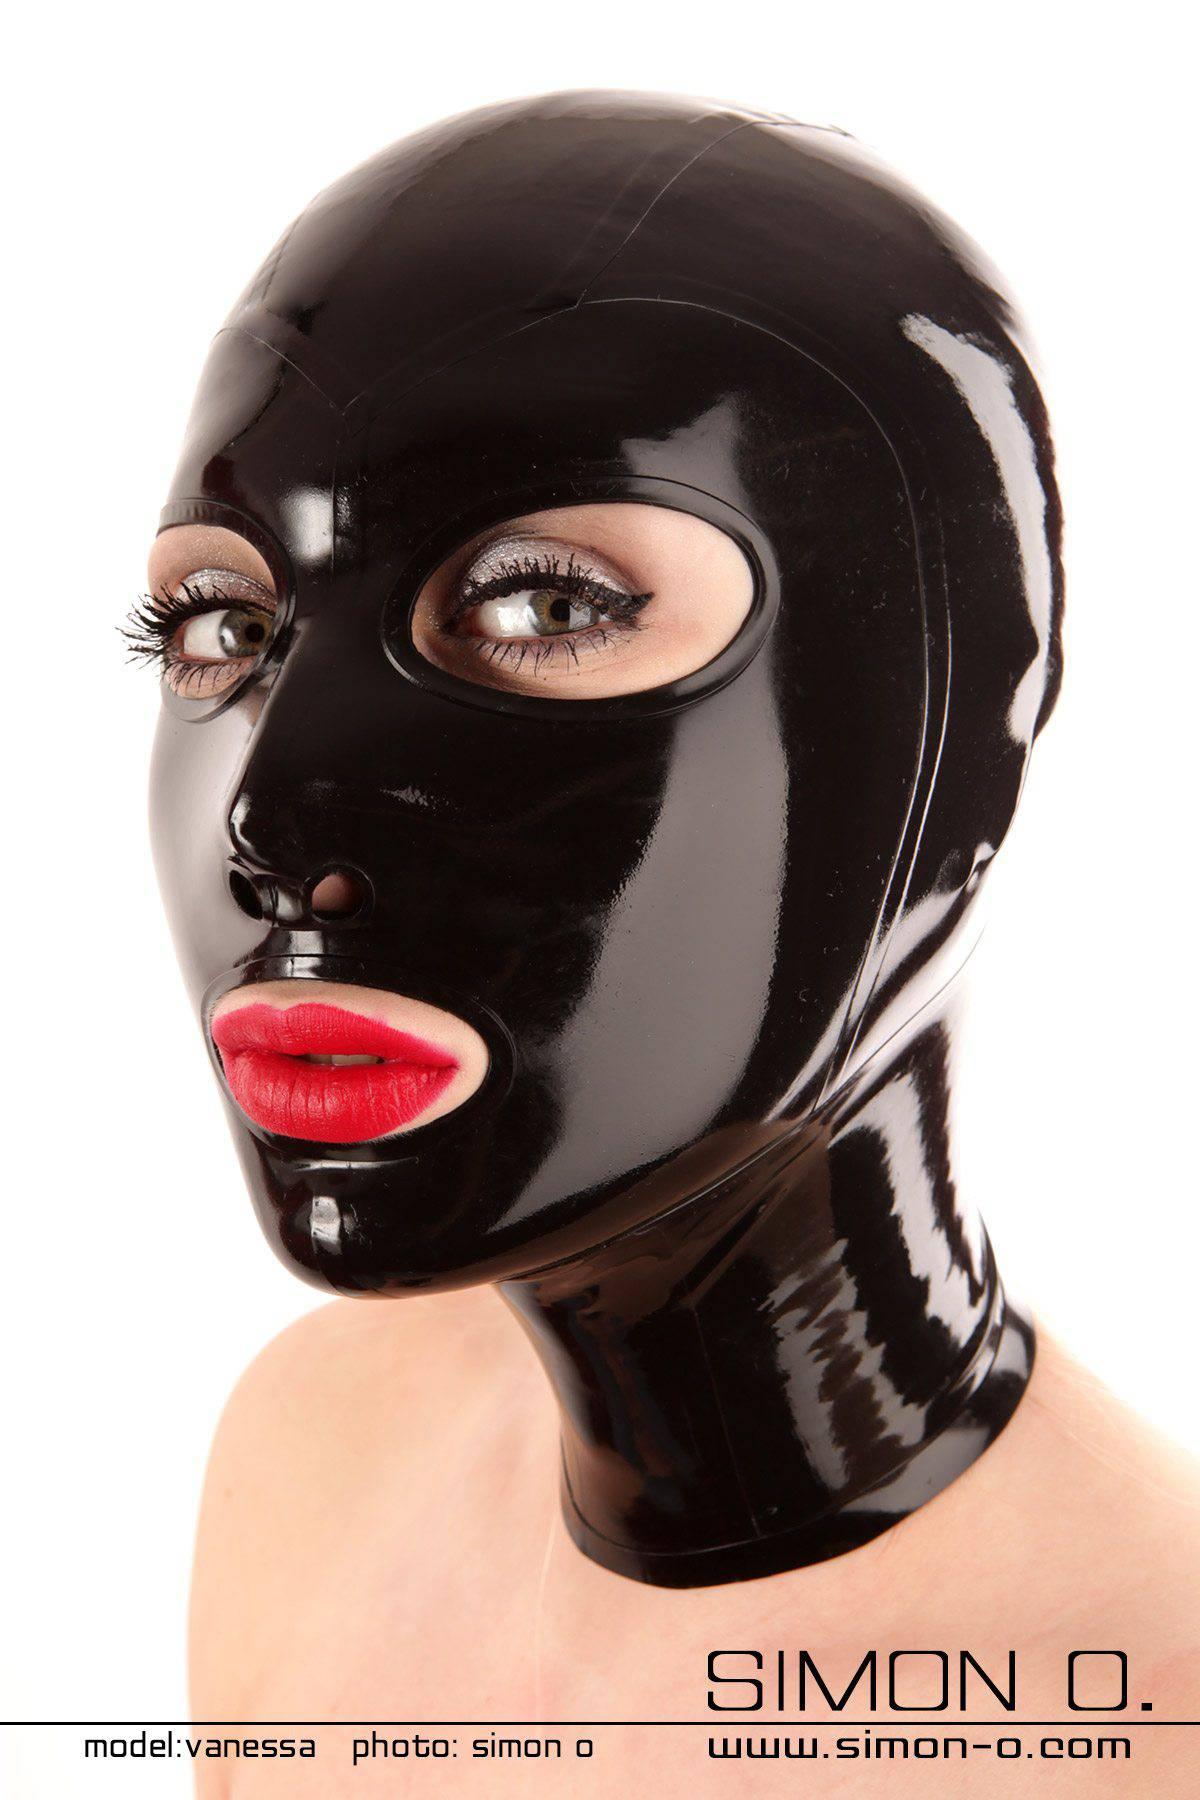 Latex Maske in Schwarz mit kleiner Augenöffnung Klassische Latex Maske mit eingefassten Rundaugen und Mund. Für Sie und Ihn gleichermaßen geeignet strahlen …